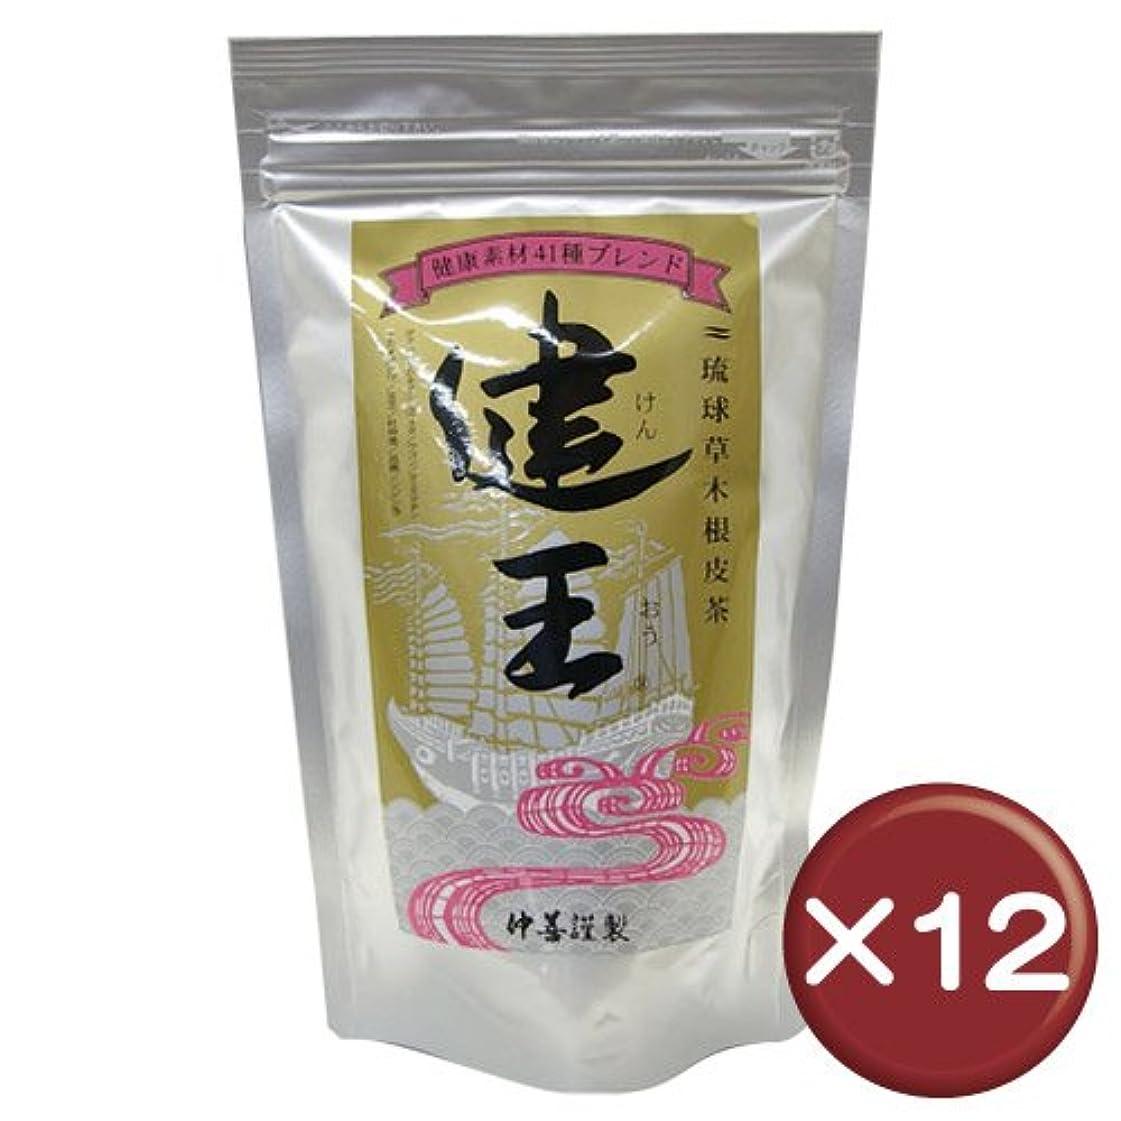 大破寄り添う寛容な琉球草木根皮茶 健王 ティーバッグ 2g×30包 12袋セット